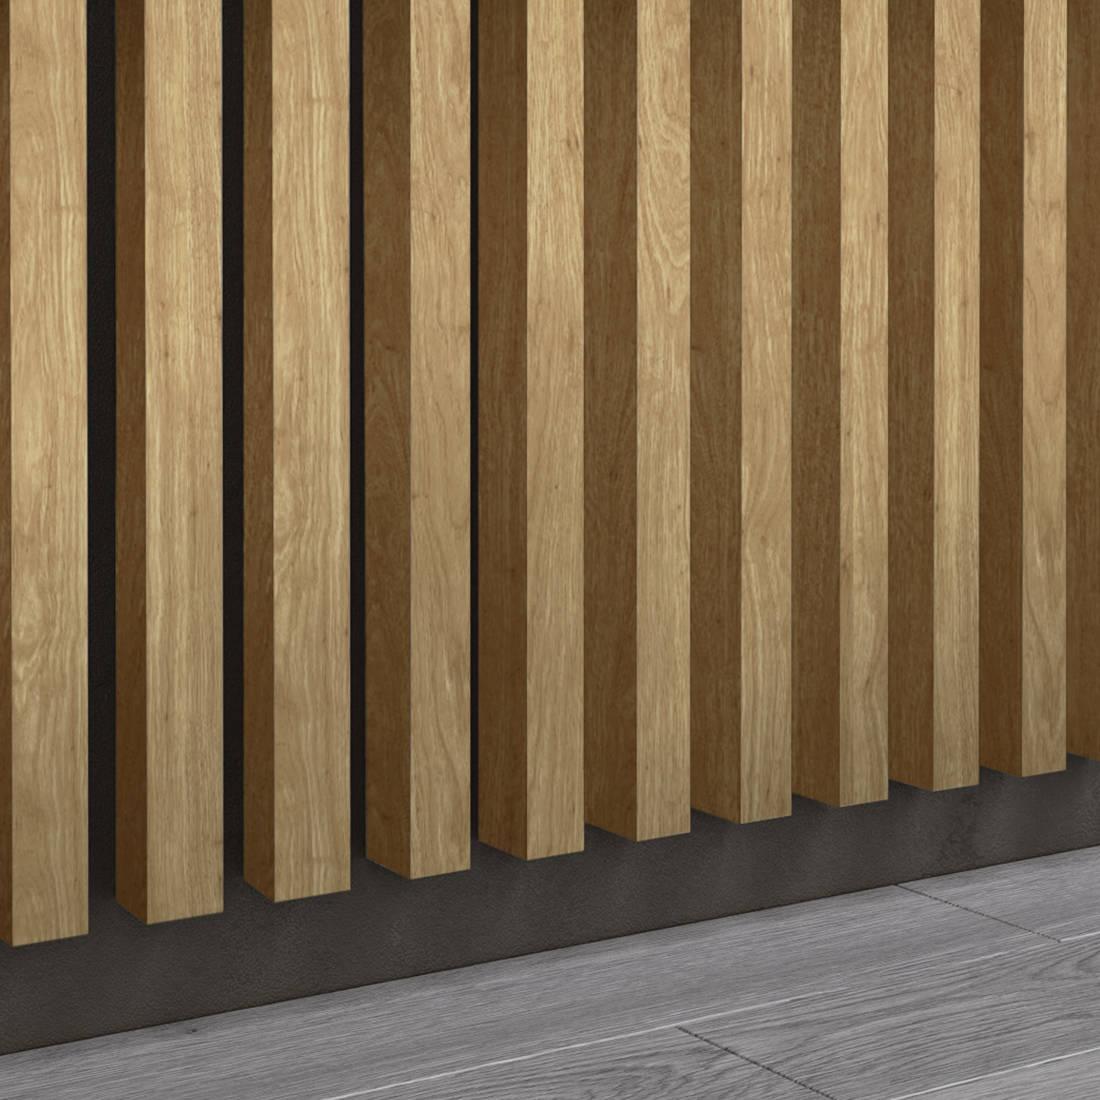 Dąb Naturalny Santana - Lamele Premium 3D - Panele ozdobne ścienne akustyczne pionowe